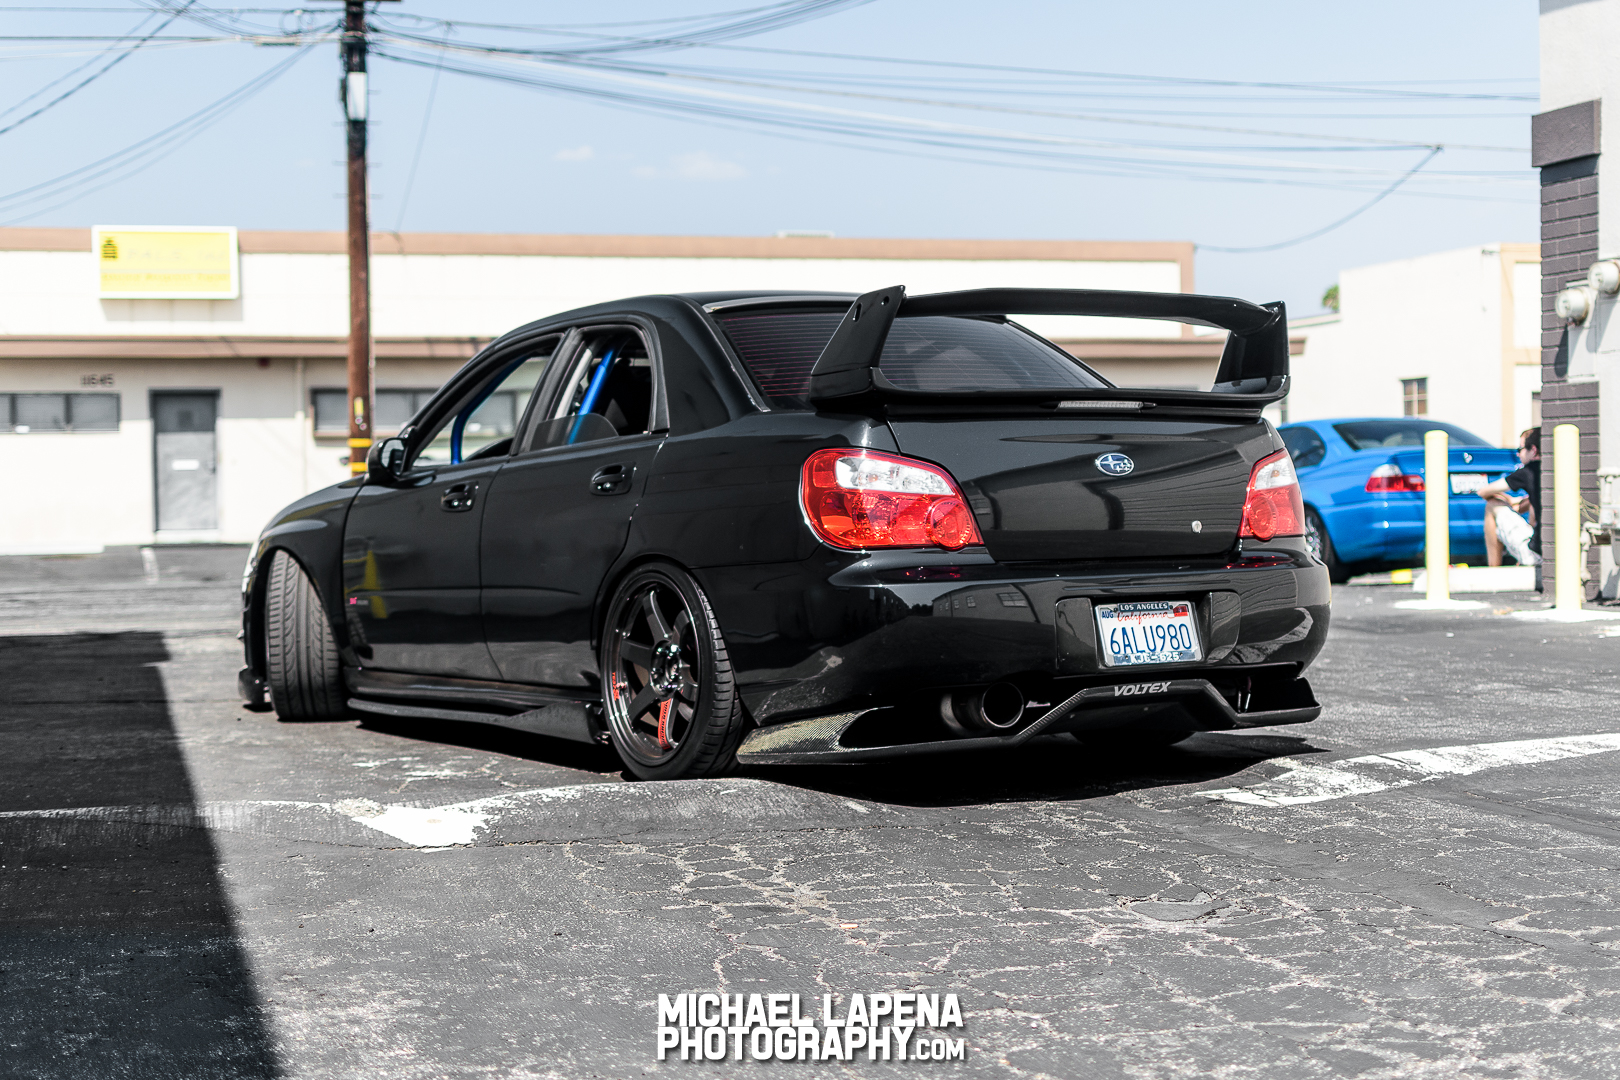 Andy's Subaru WRX